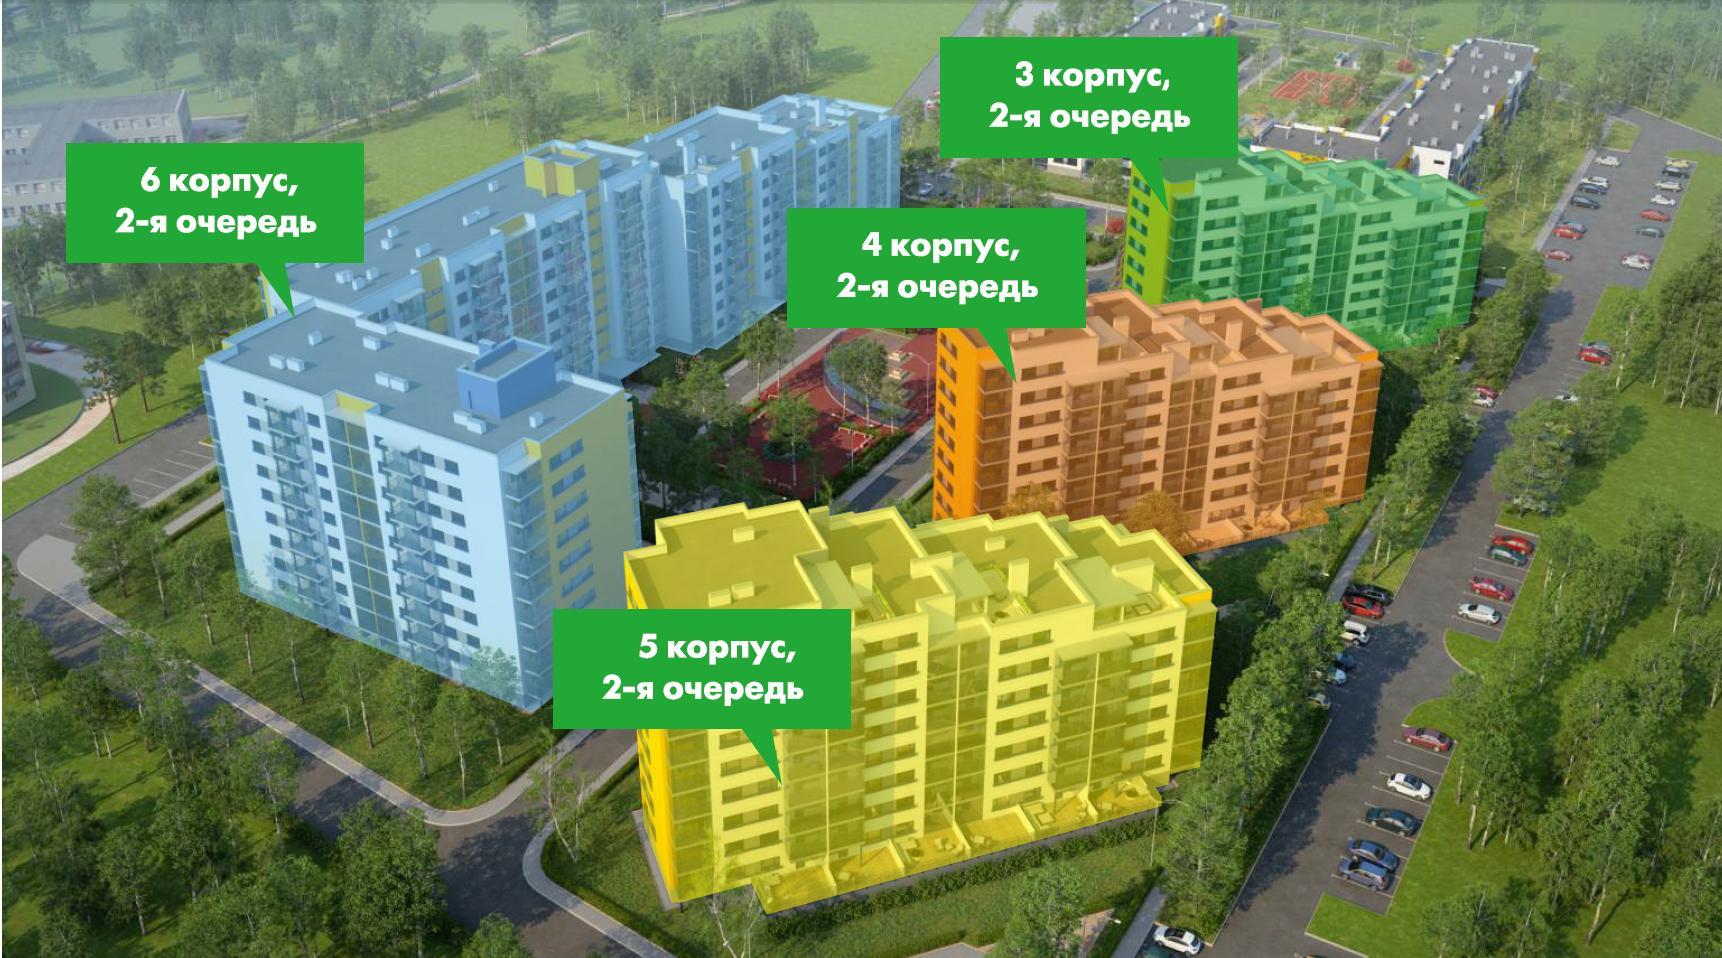 План жилого комплекса ЖК Финские кварталы